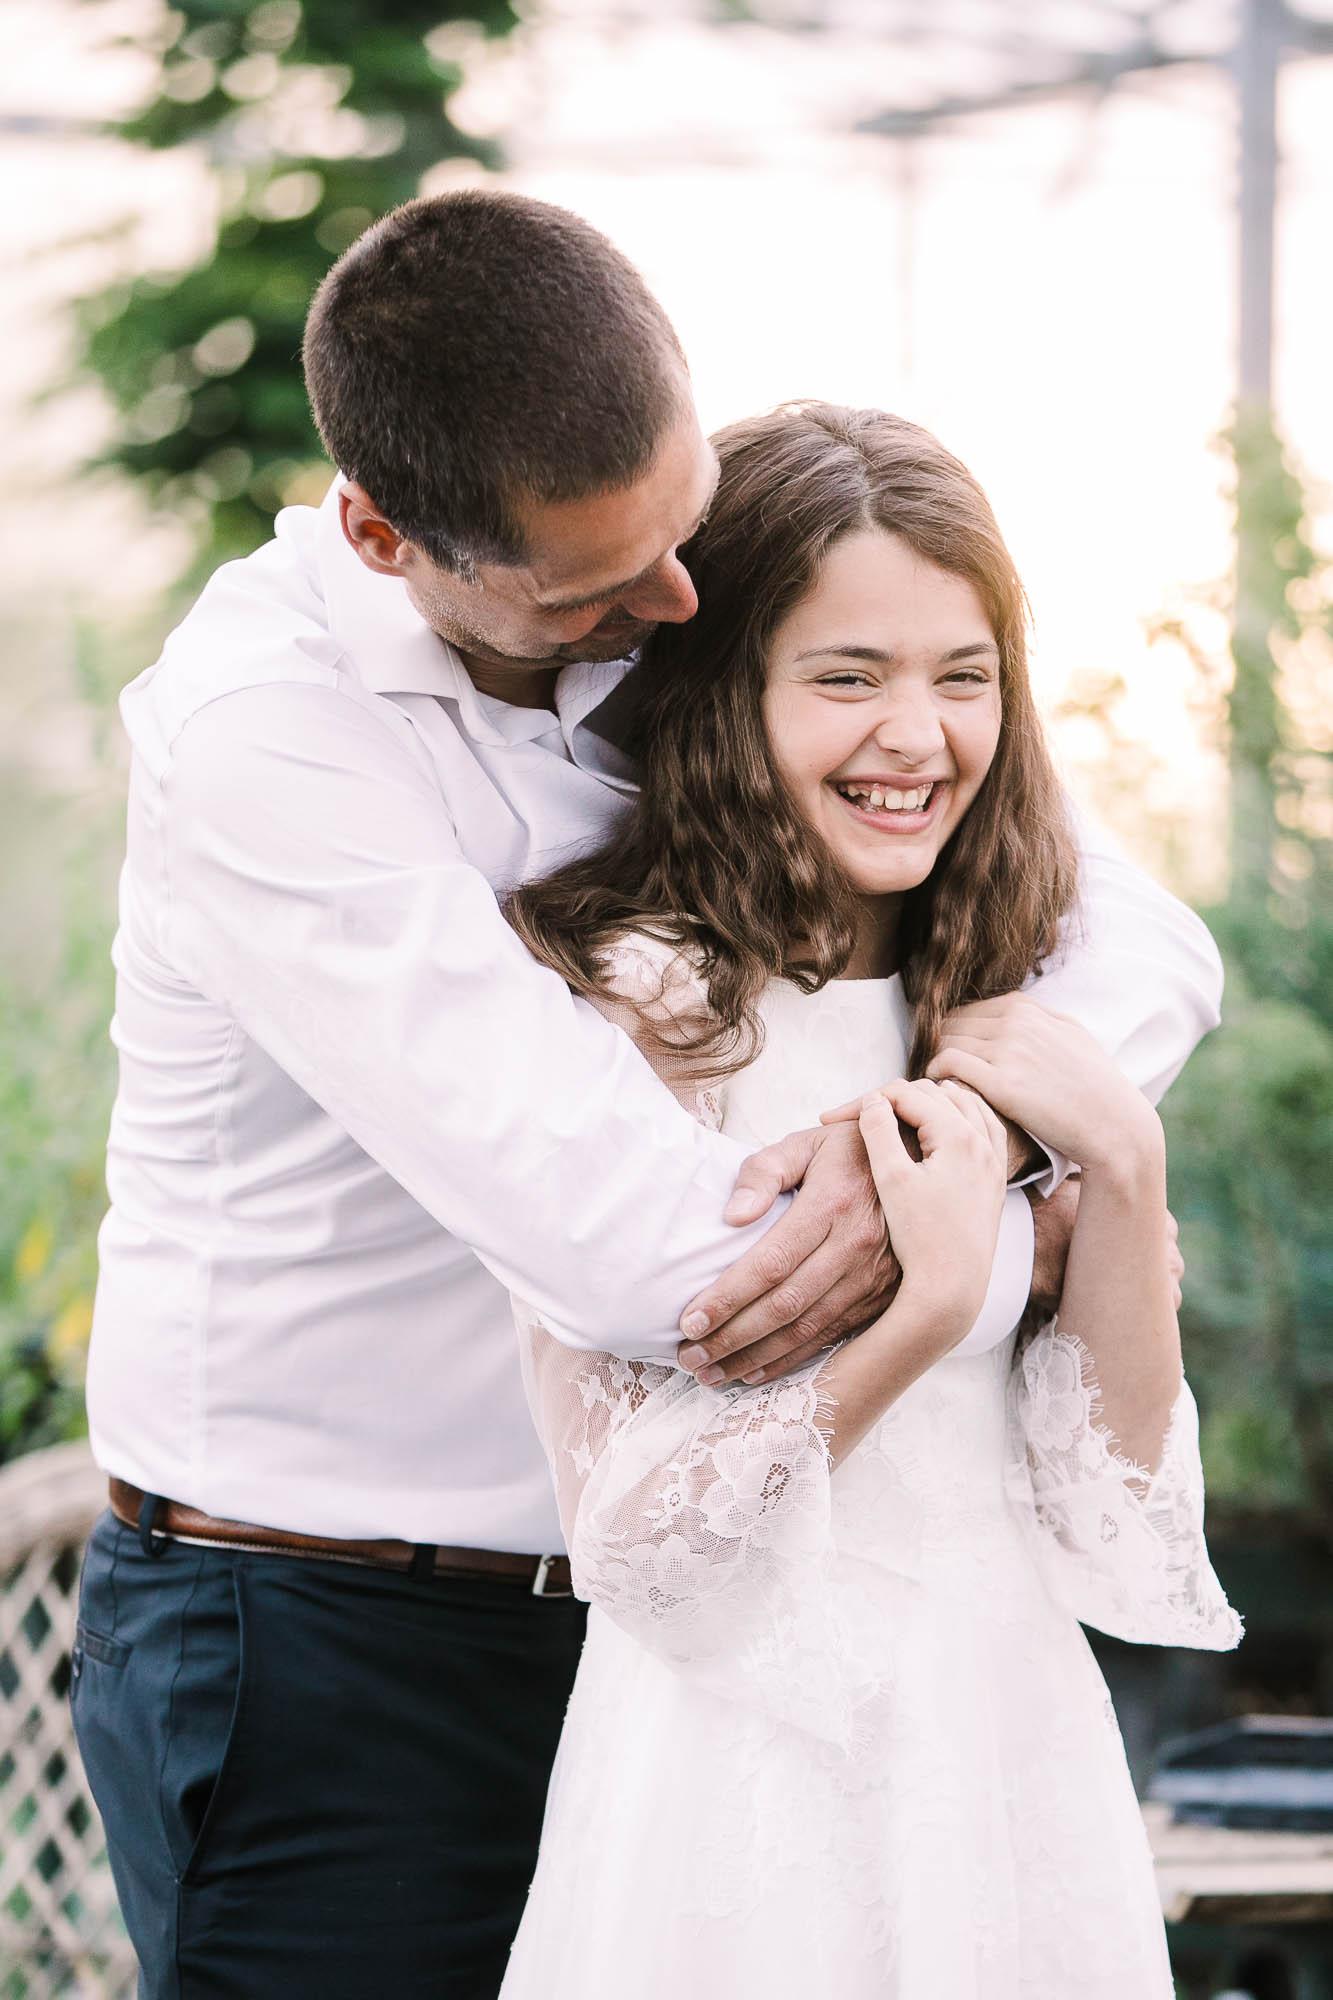 Far og datter til konfirmationsfotografering